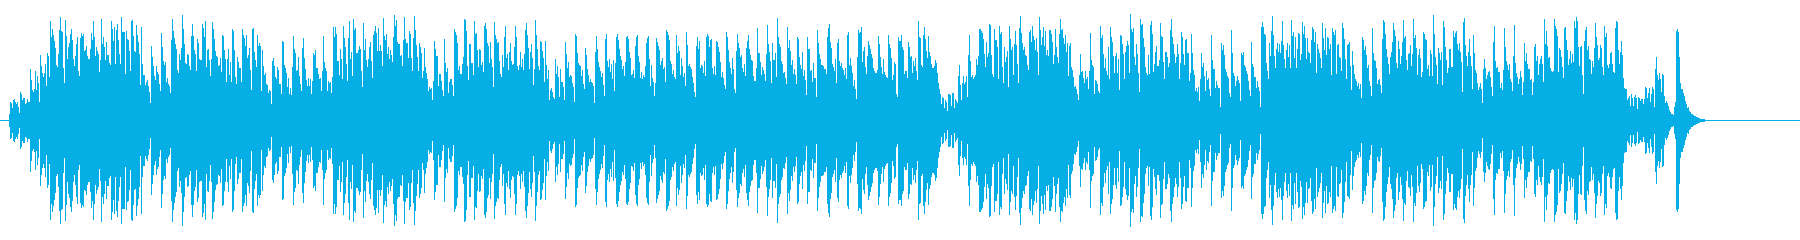 テーマ・パーク向けの楽しいマーチの再生済みの波形